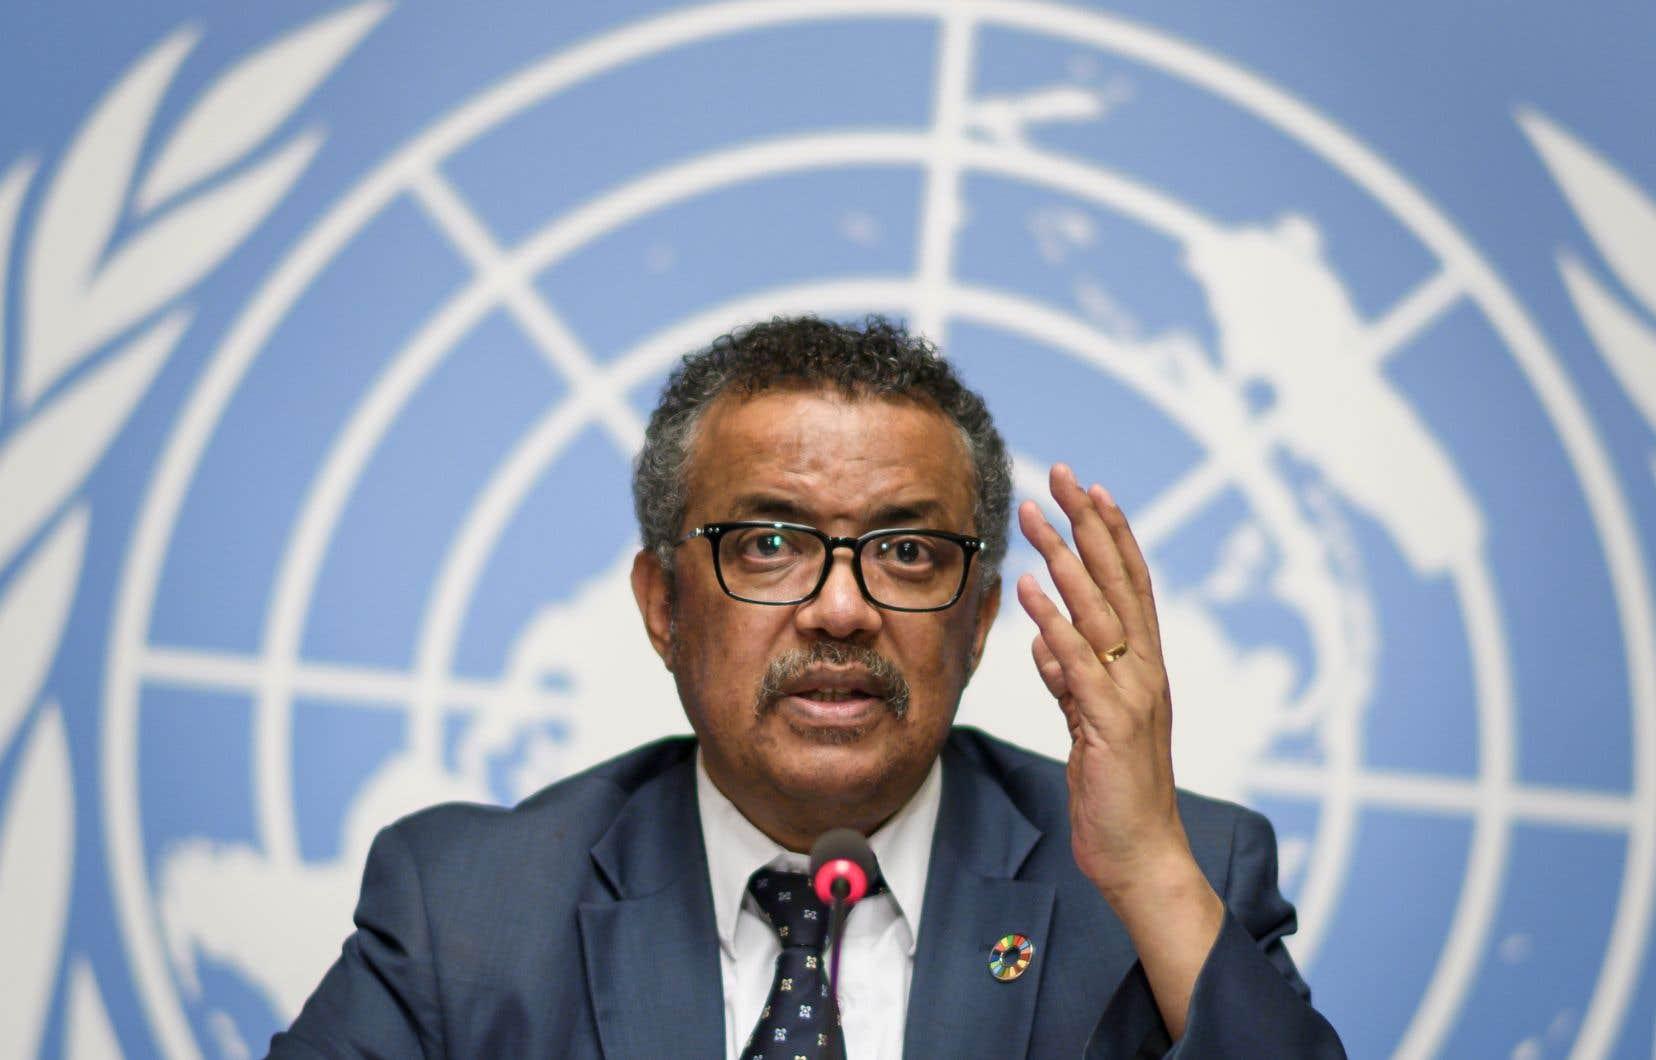 Une réunion avec les neuf pays voisins de la RDC est prévue ces prochains jours, a annoncé le directeur de l'OMS, Tedros Adhanom Ghebreyesus.